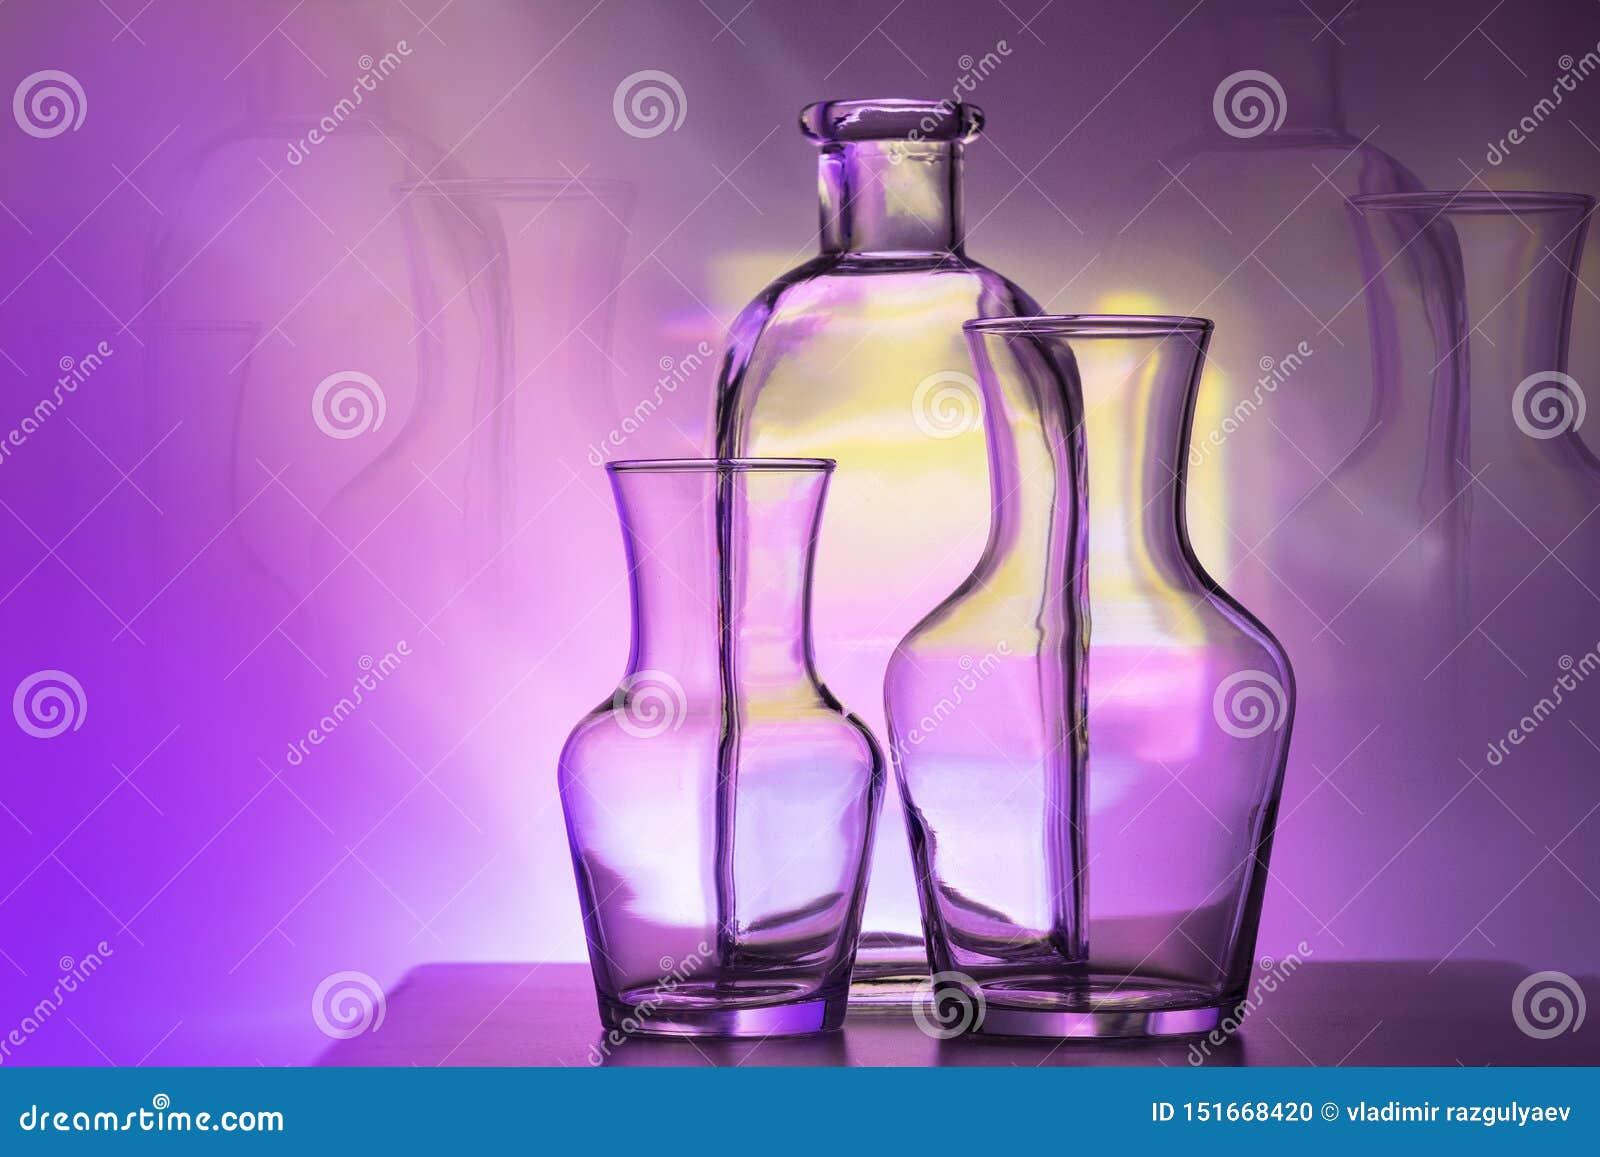 Le contour de deux vases et bouteilles en verre sur un pourpre lumineux et fond coloré jaune, disposition horizontale